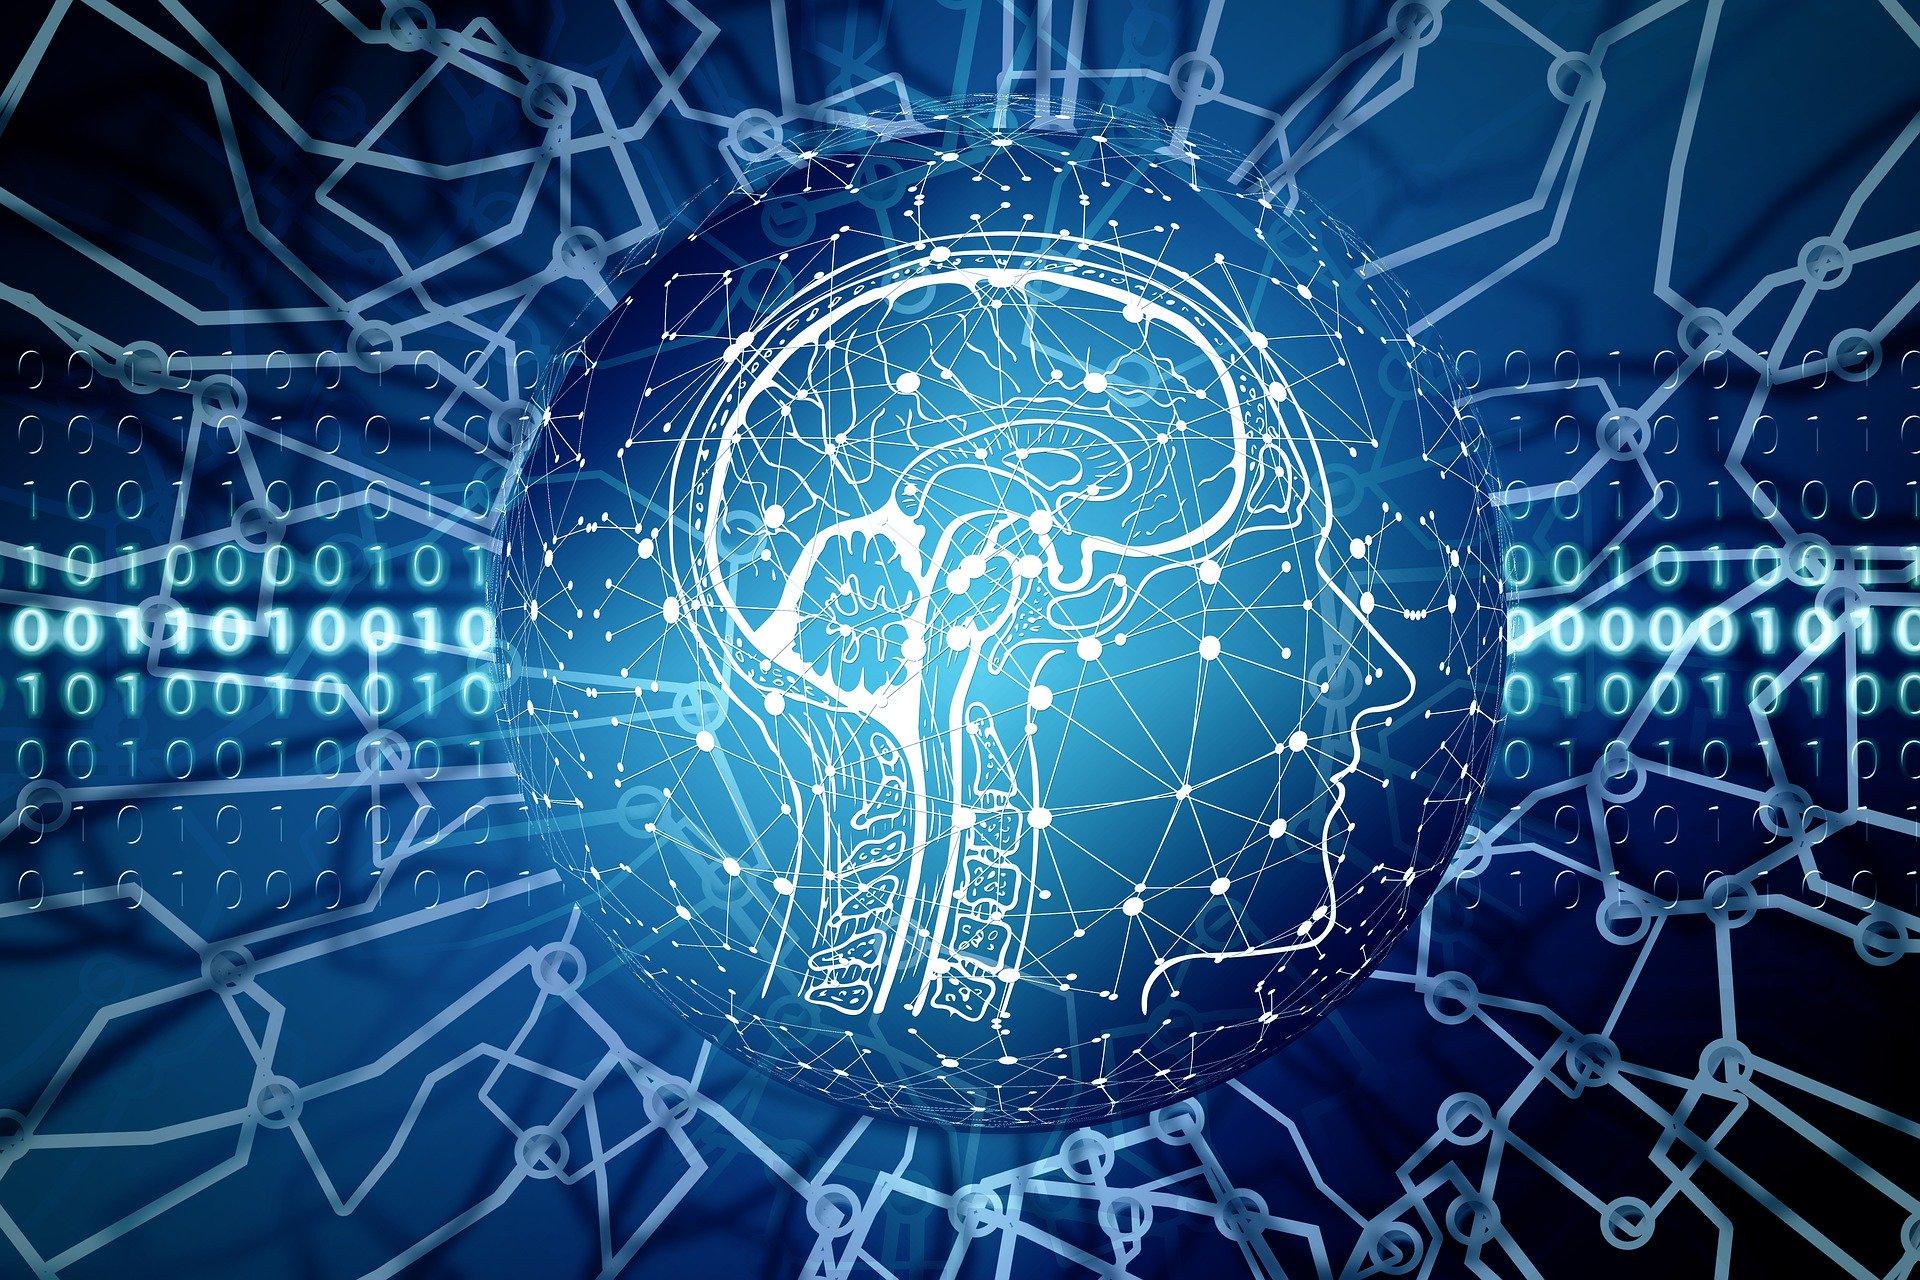 künstliche Intelligenz visualisiert